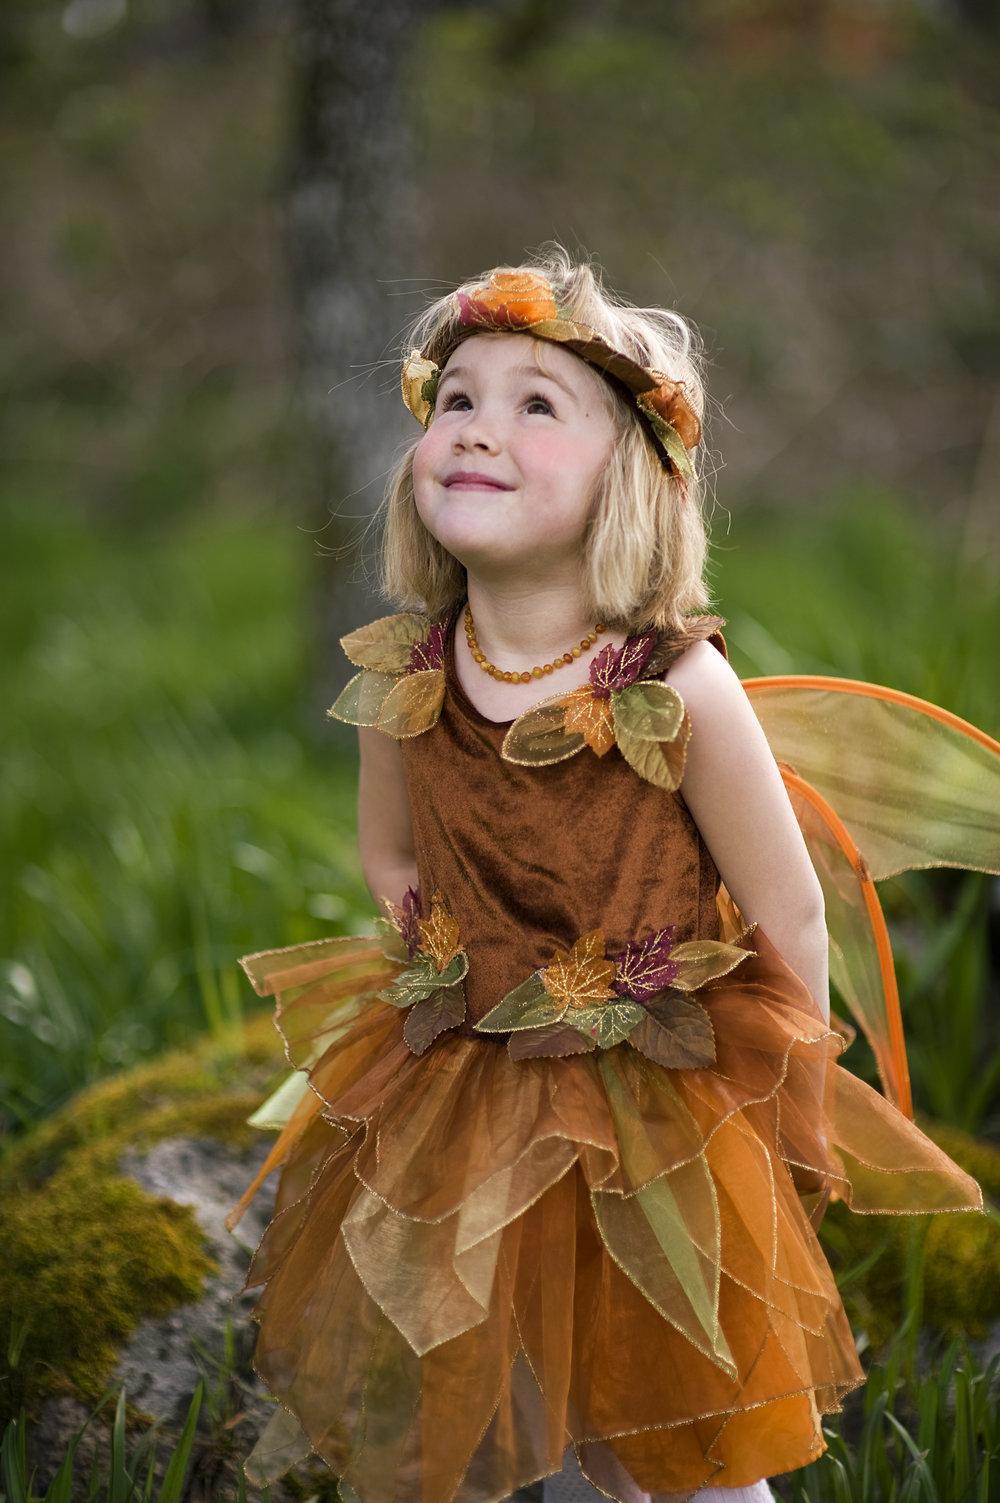 fairy4x6-2.jpg